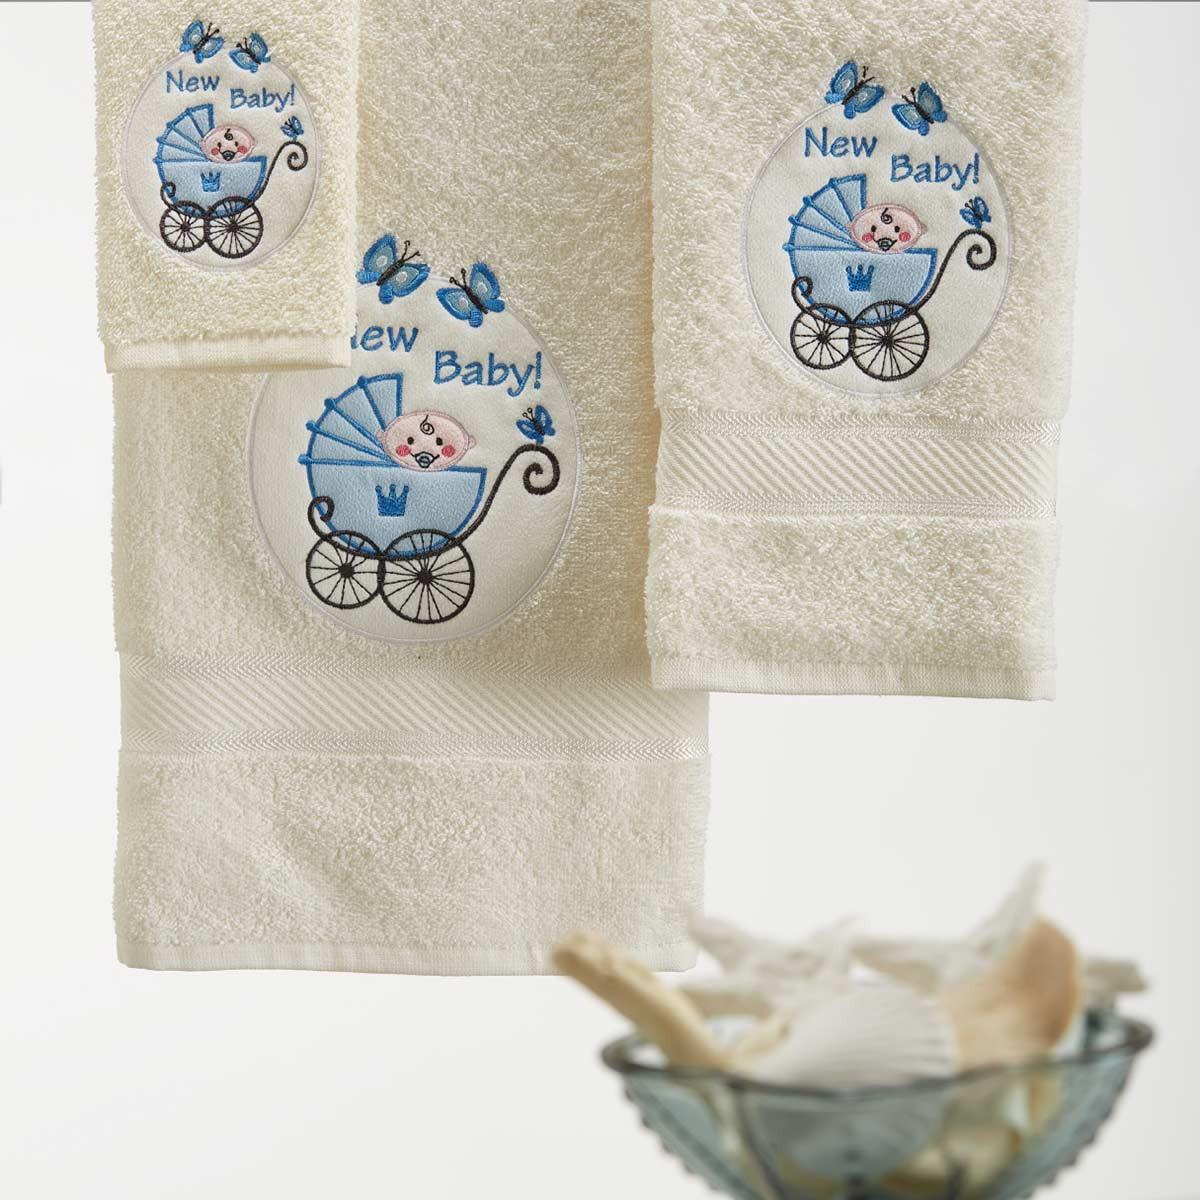 Παιδικές Πετσέτες (Σετ) White Egg Καροτσάκι Μπλε